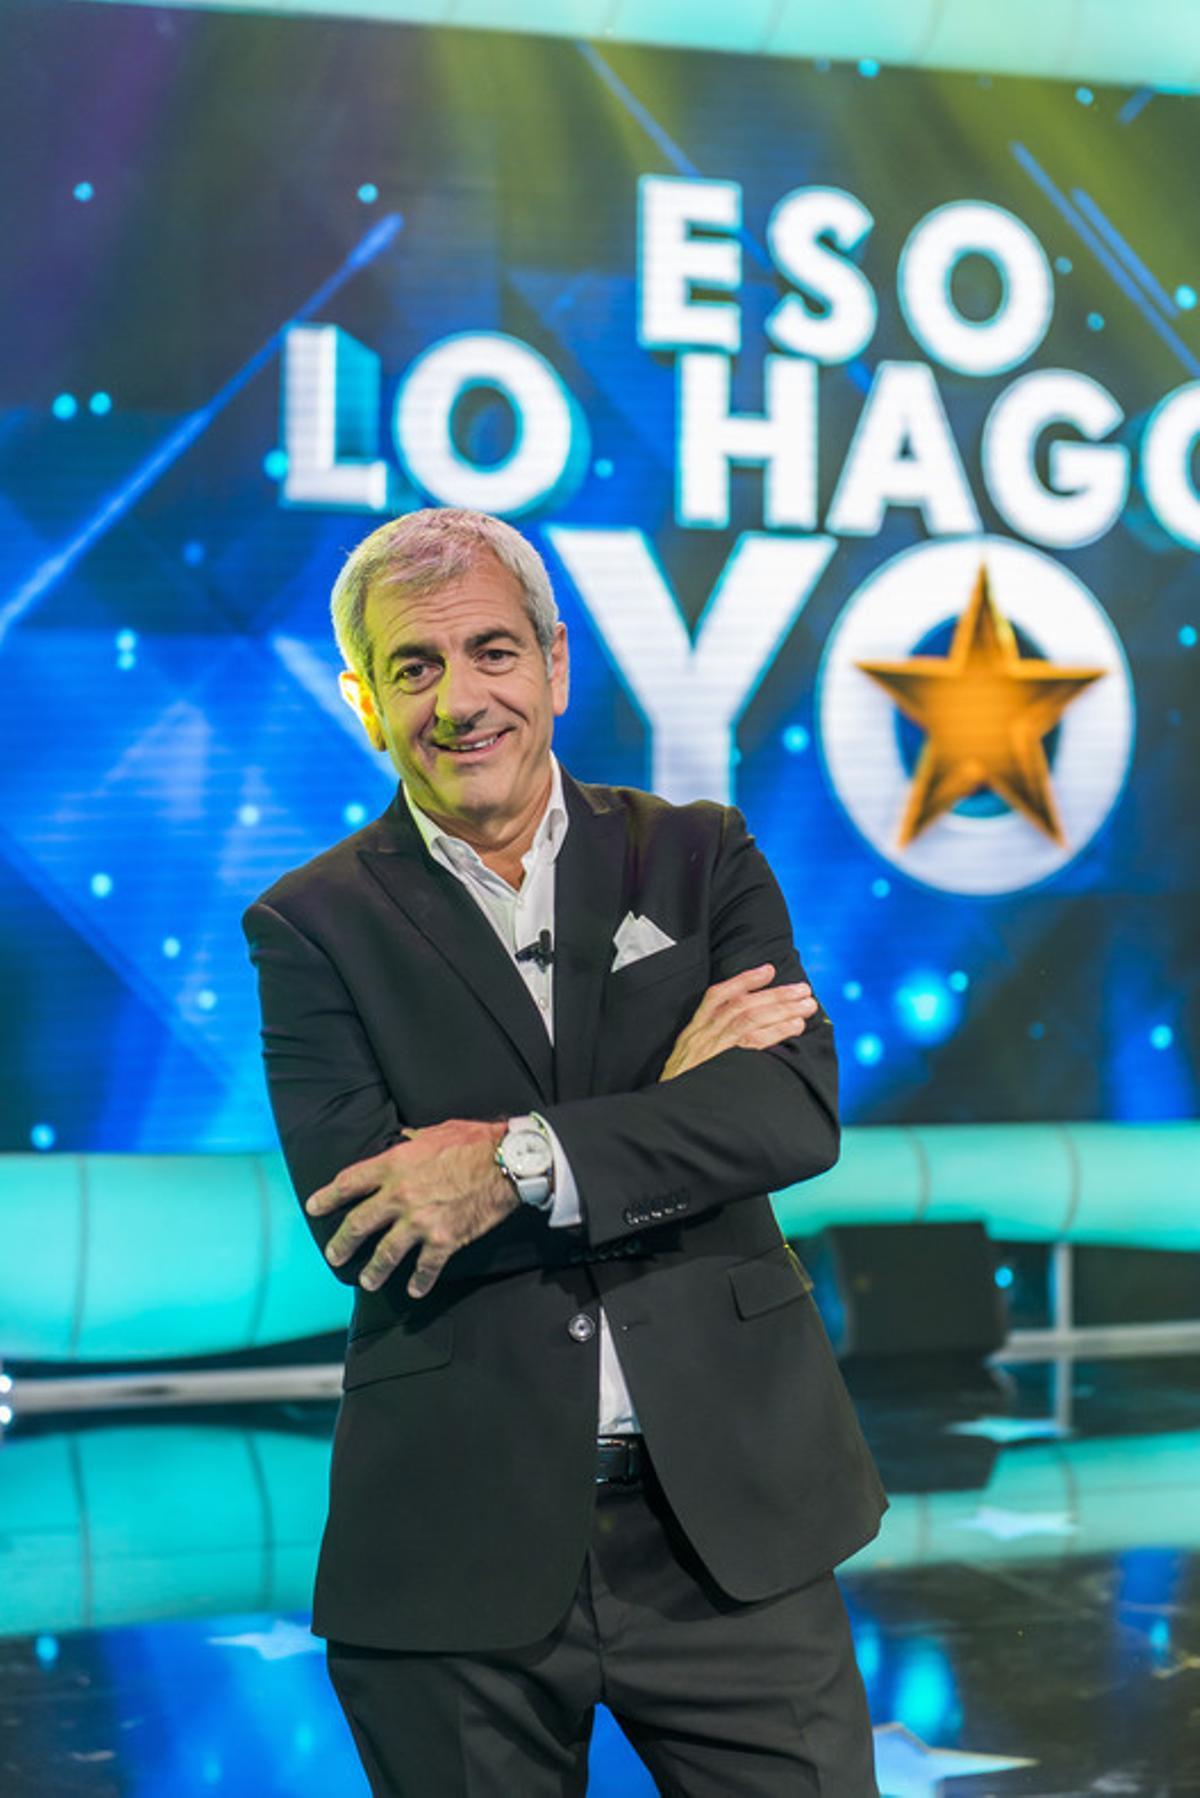 Carlos Sobera, presentador del 'talent show' de La Sexta 'Eso lo hago yo'.